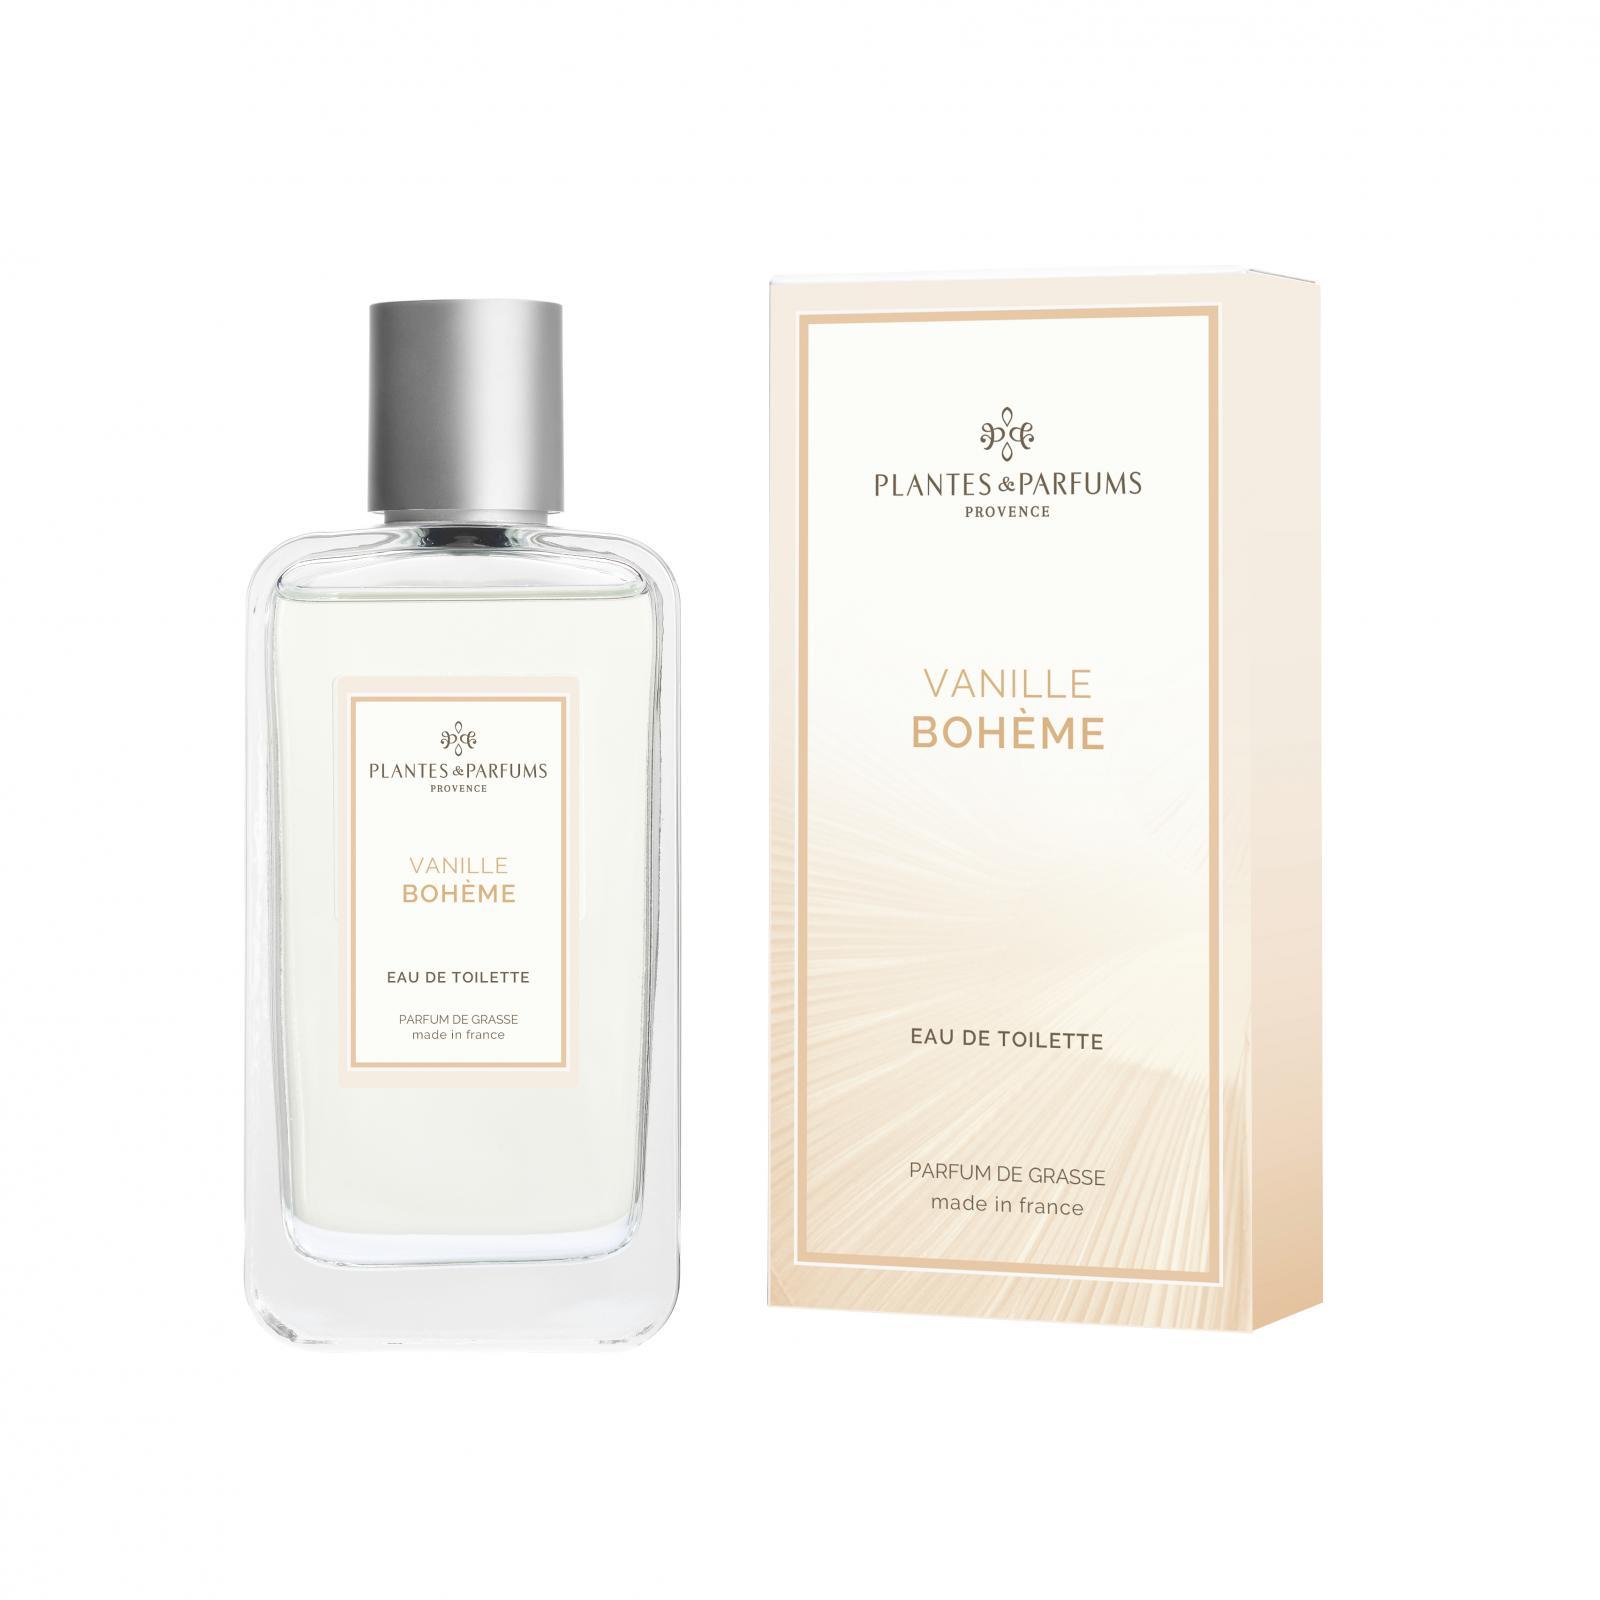 Plantes et Parfums Toaletní voda Vanille Boheme 100 ml